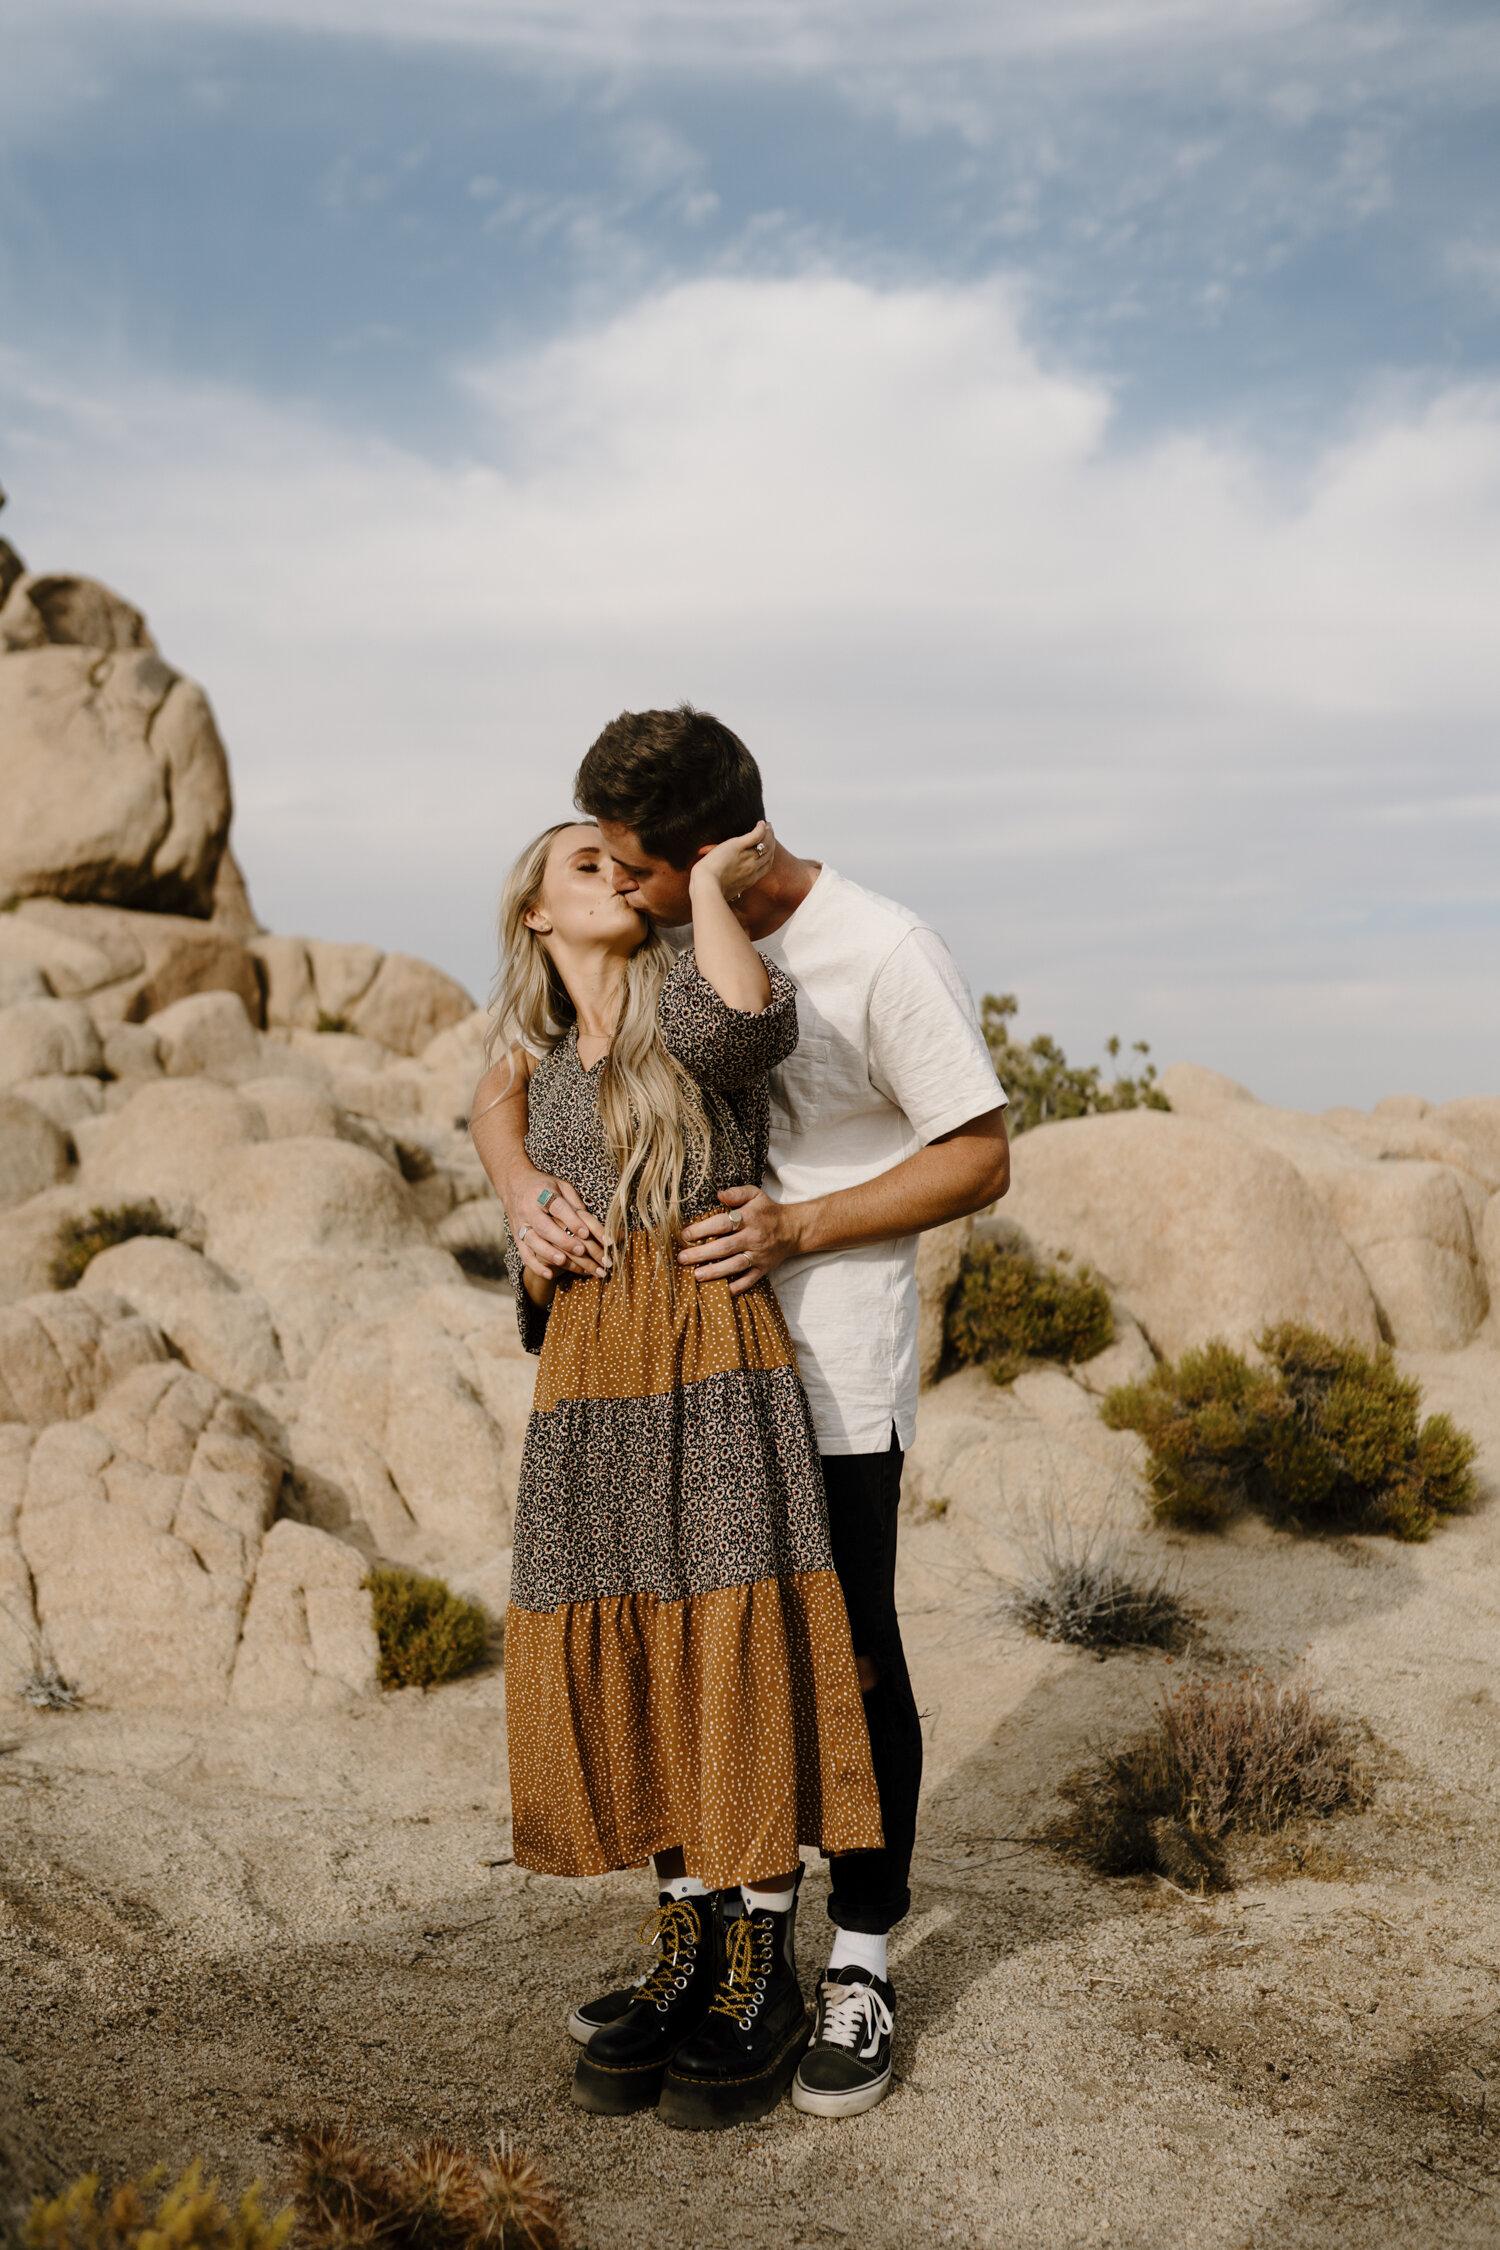 Joshua Tree Intimate Engagement Session by Kayli LaFon Photography